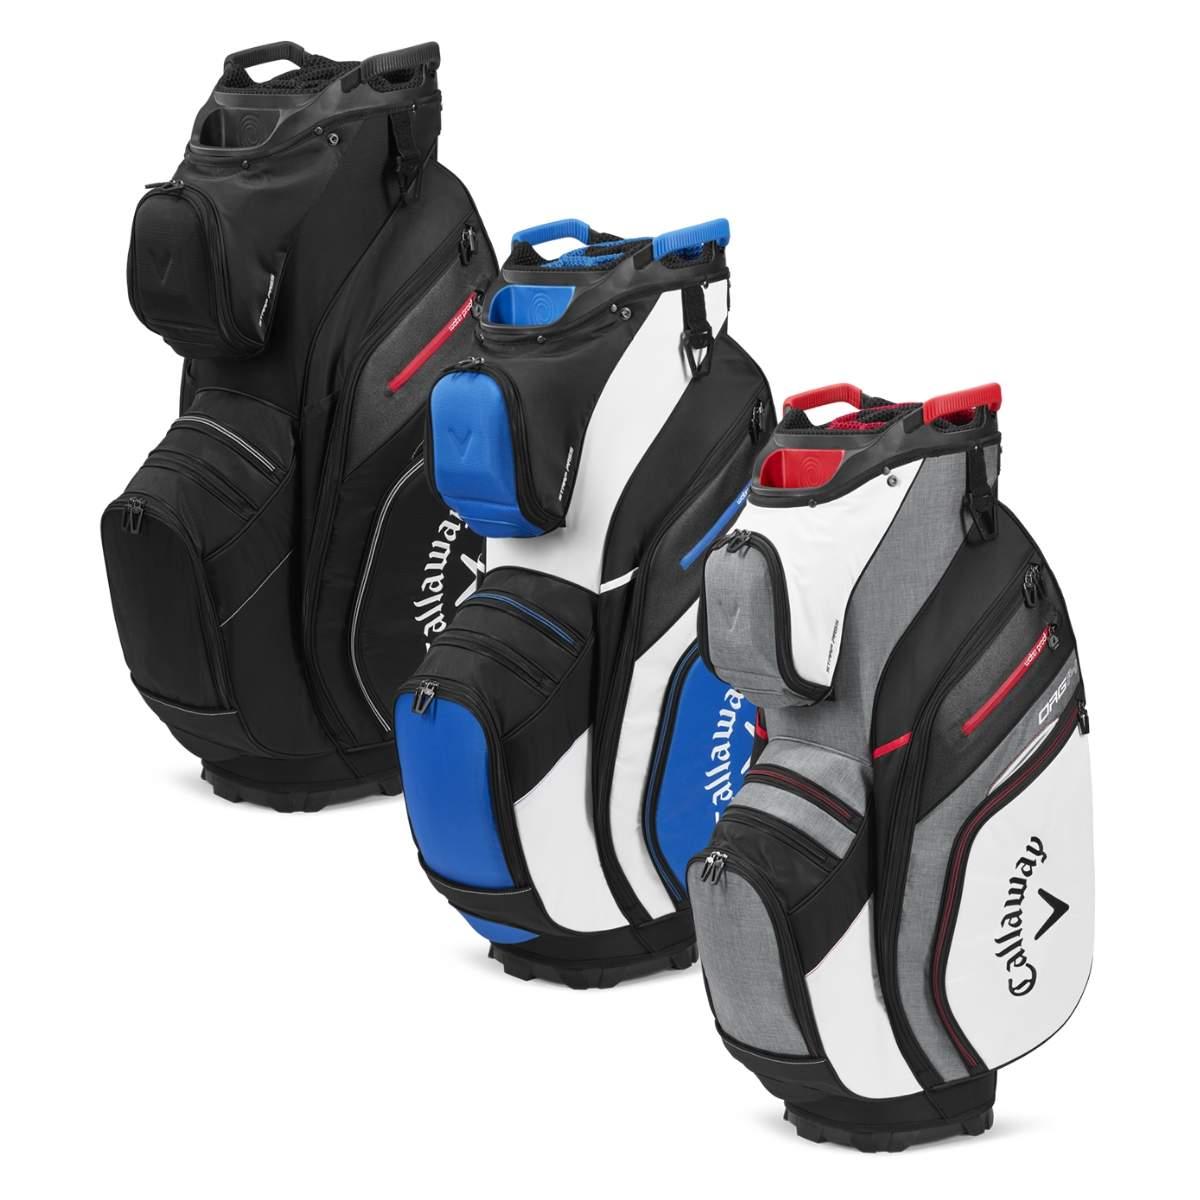 Callaway 2020 Org 14 Cart Bag